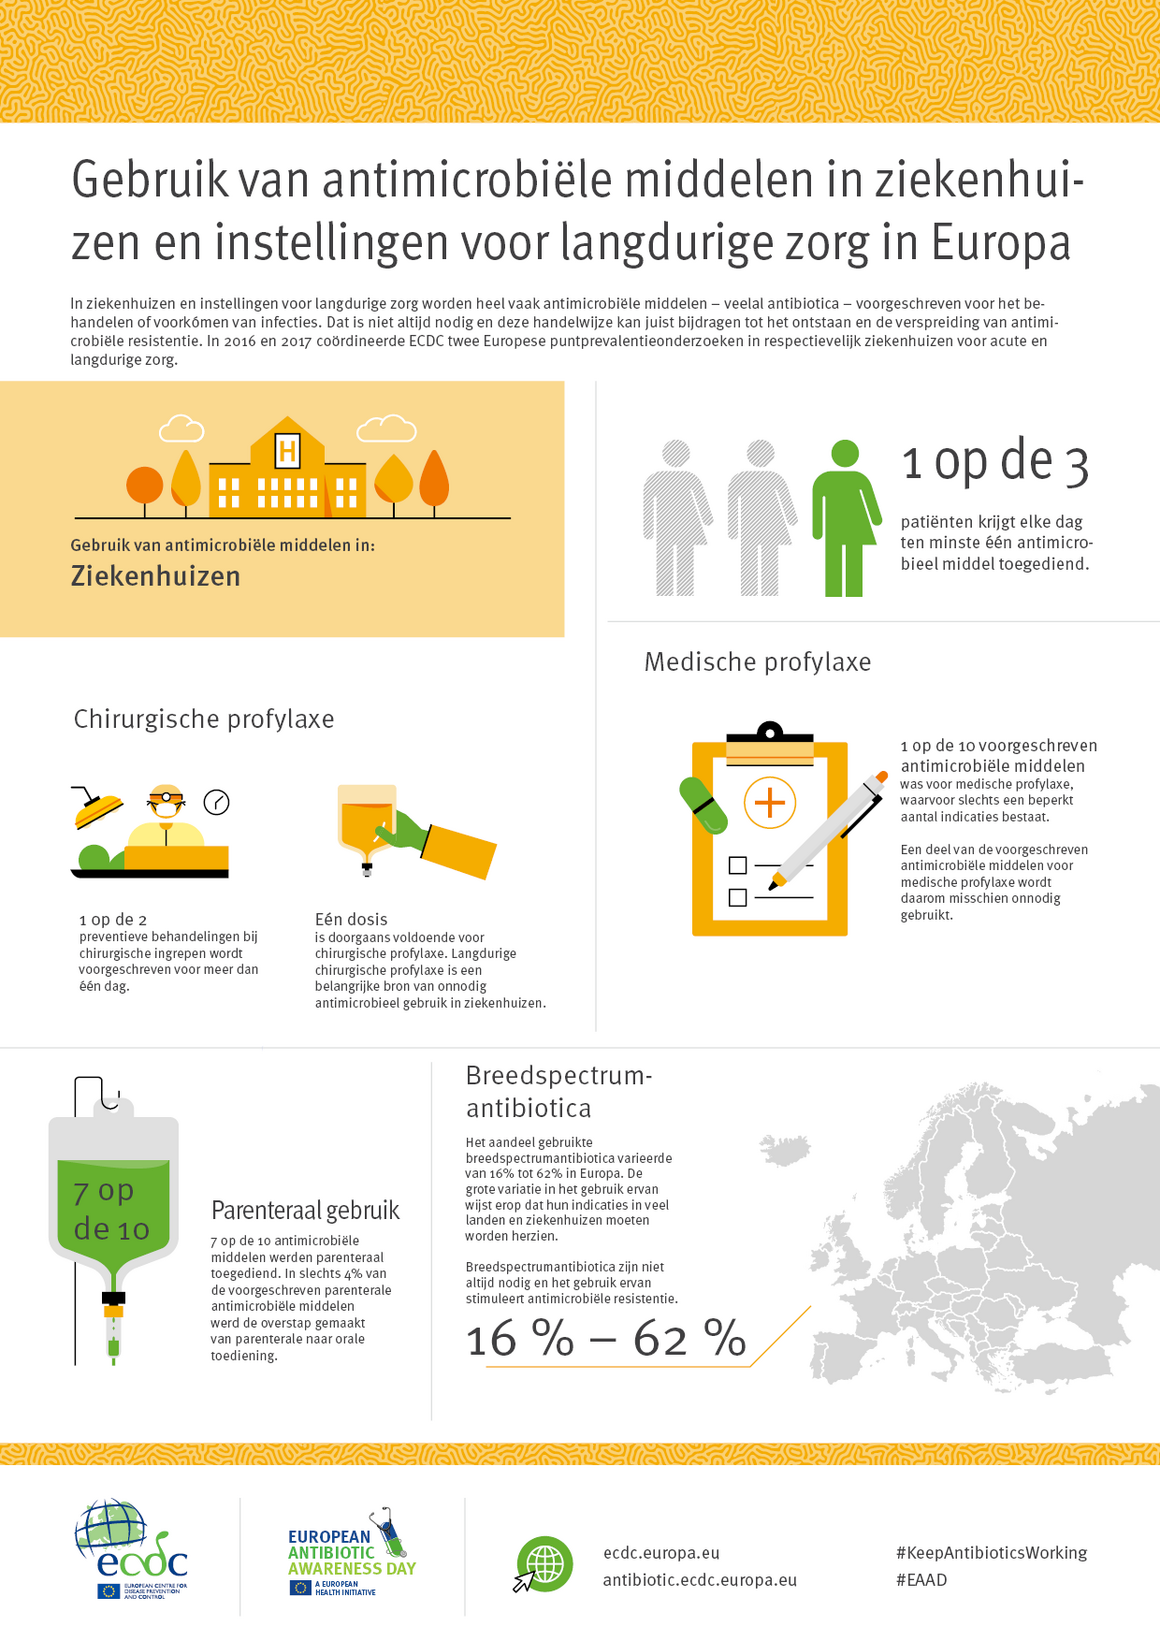 Gebruik van antimicrobiële middelen in ziekenhuizen en instellingen voor langdurige zorg in Europa